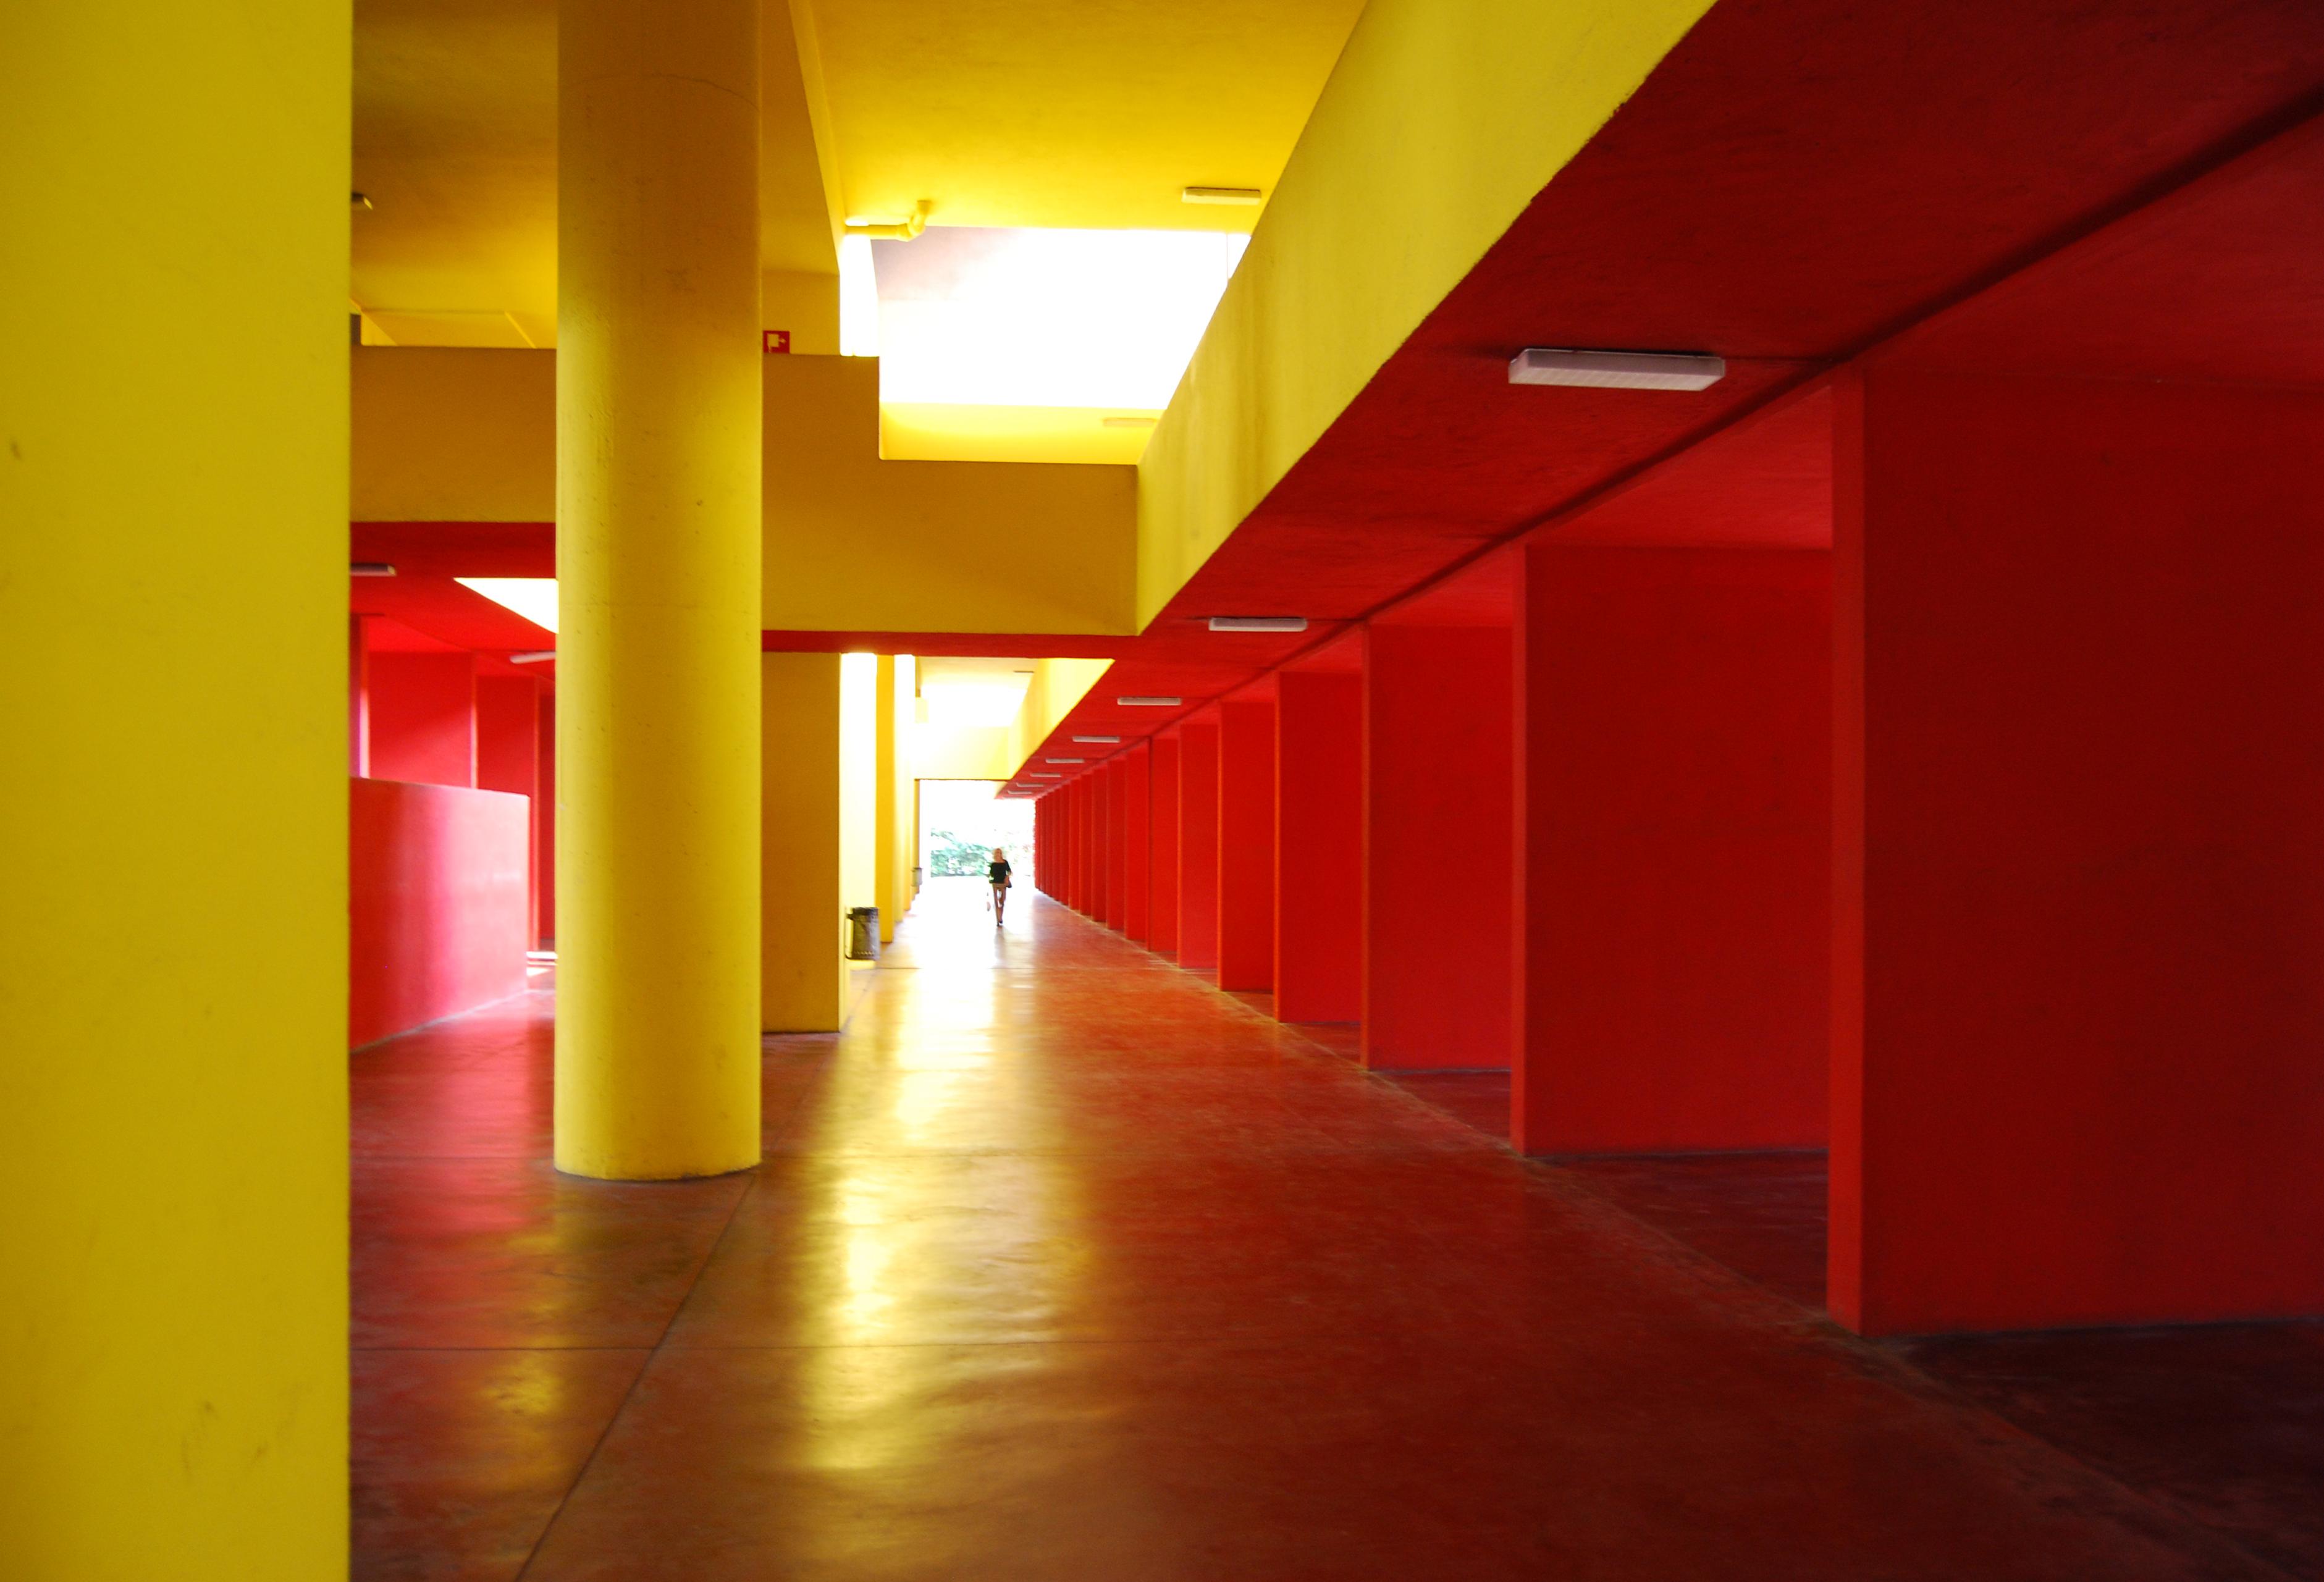 Interiores naranjas otro interior en calabaza con for Carrera de diseno de interiores gratis